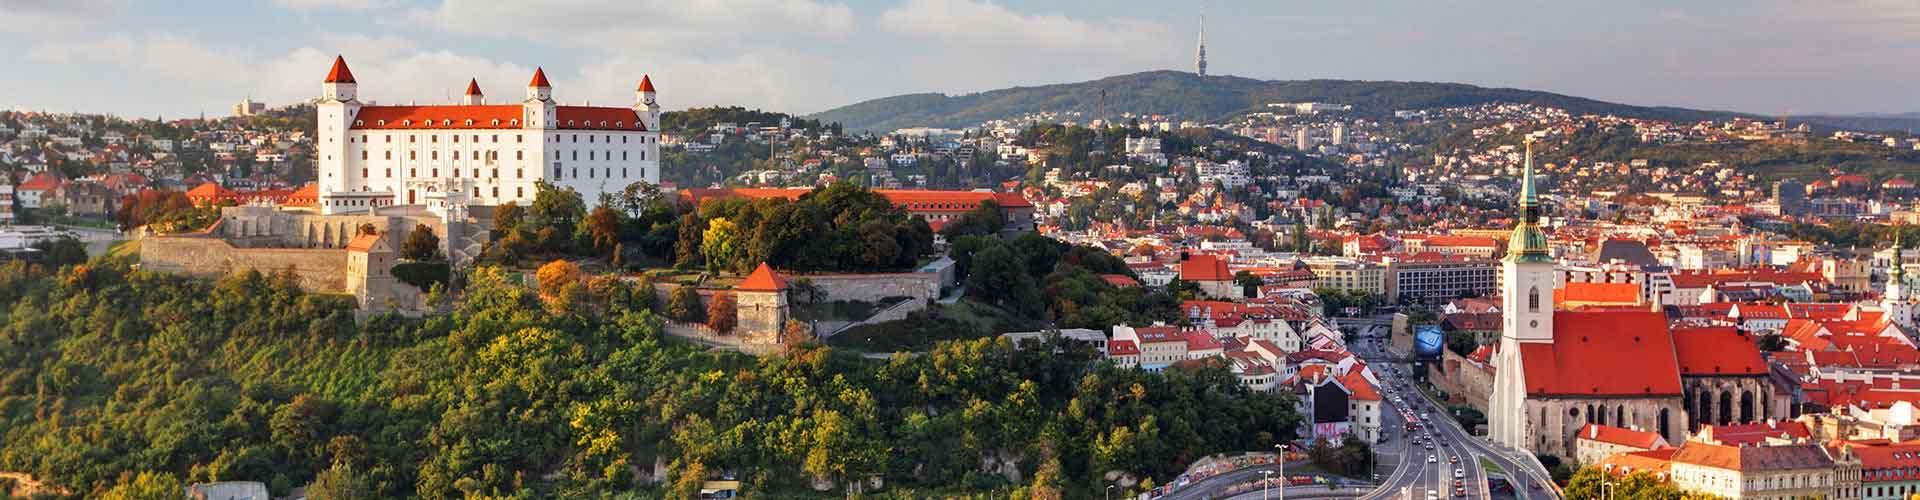 Bratislava - Appartments à Bratislava. Cartes pour Bratislava, photos et commentaires pour chaque appartement à Bratislava.